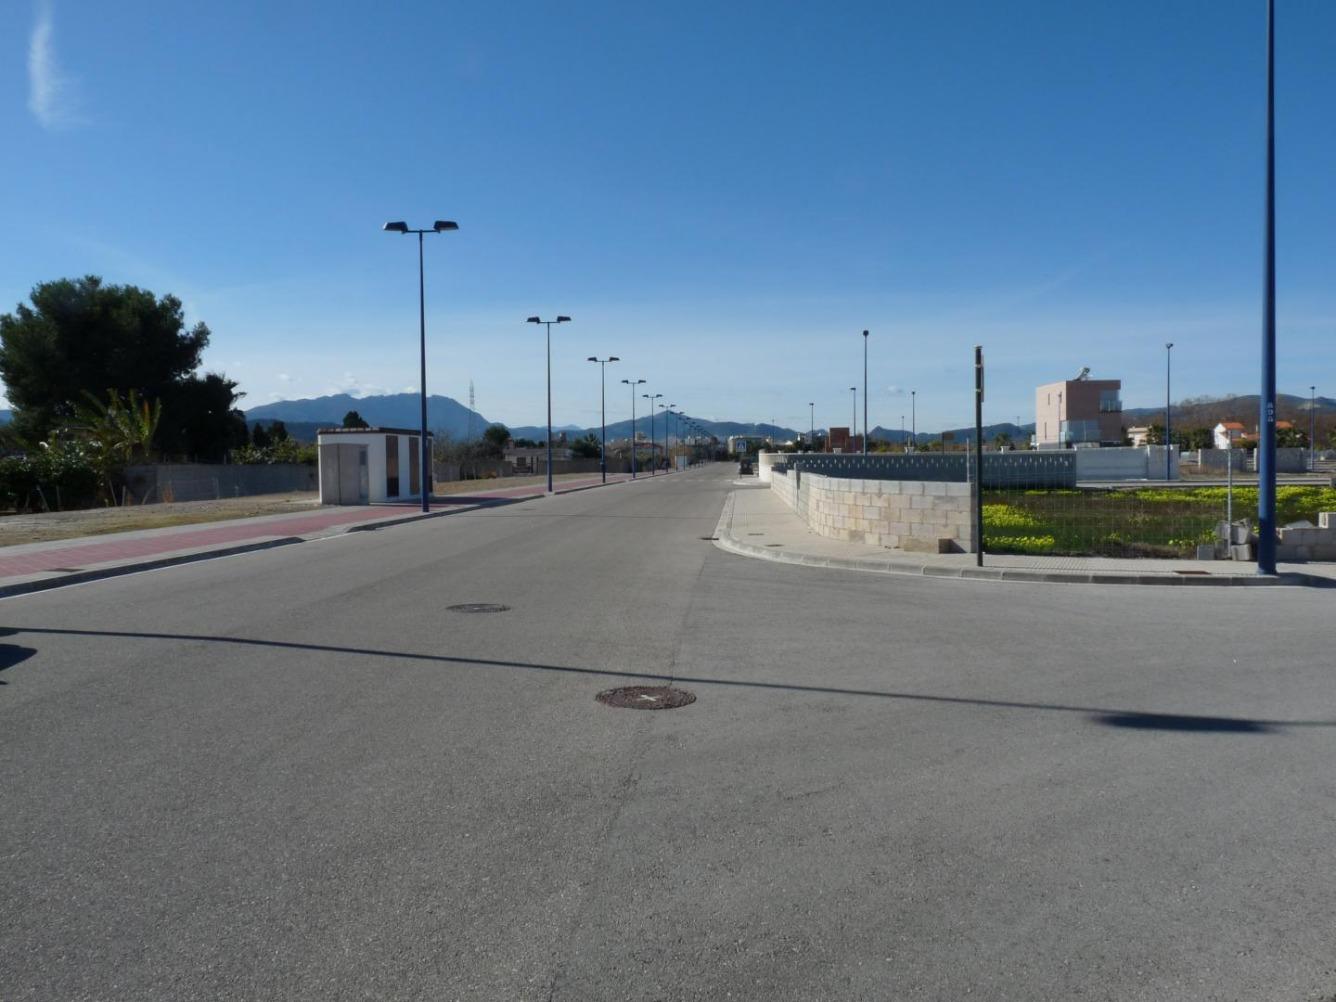 Terrain urbain  Bellreguard, zona de - miramar